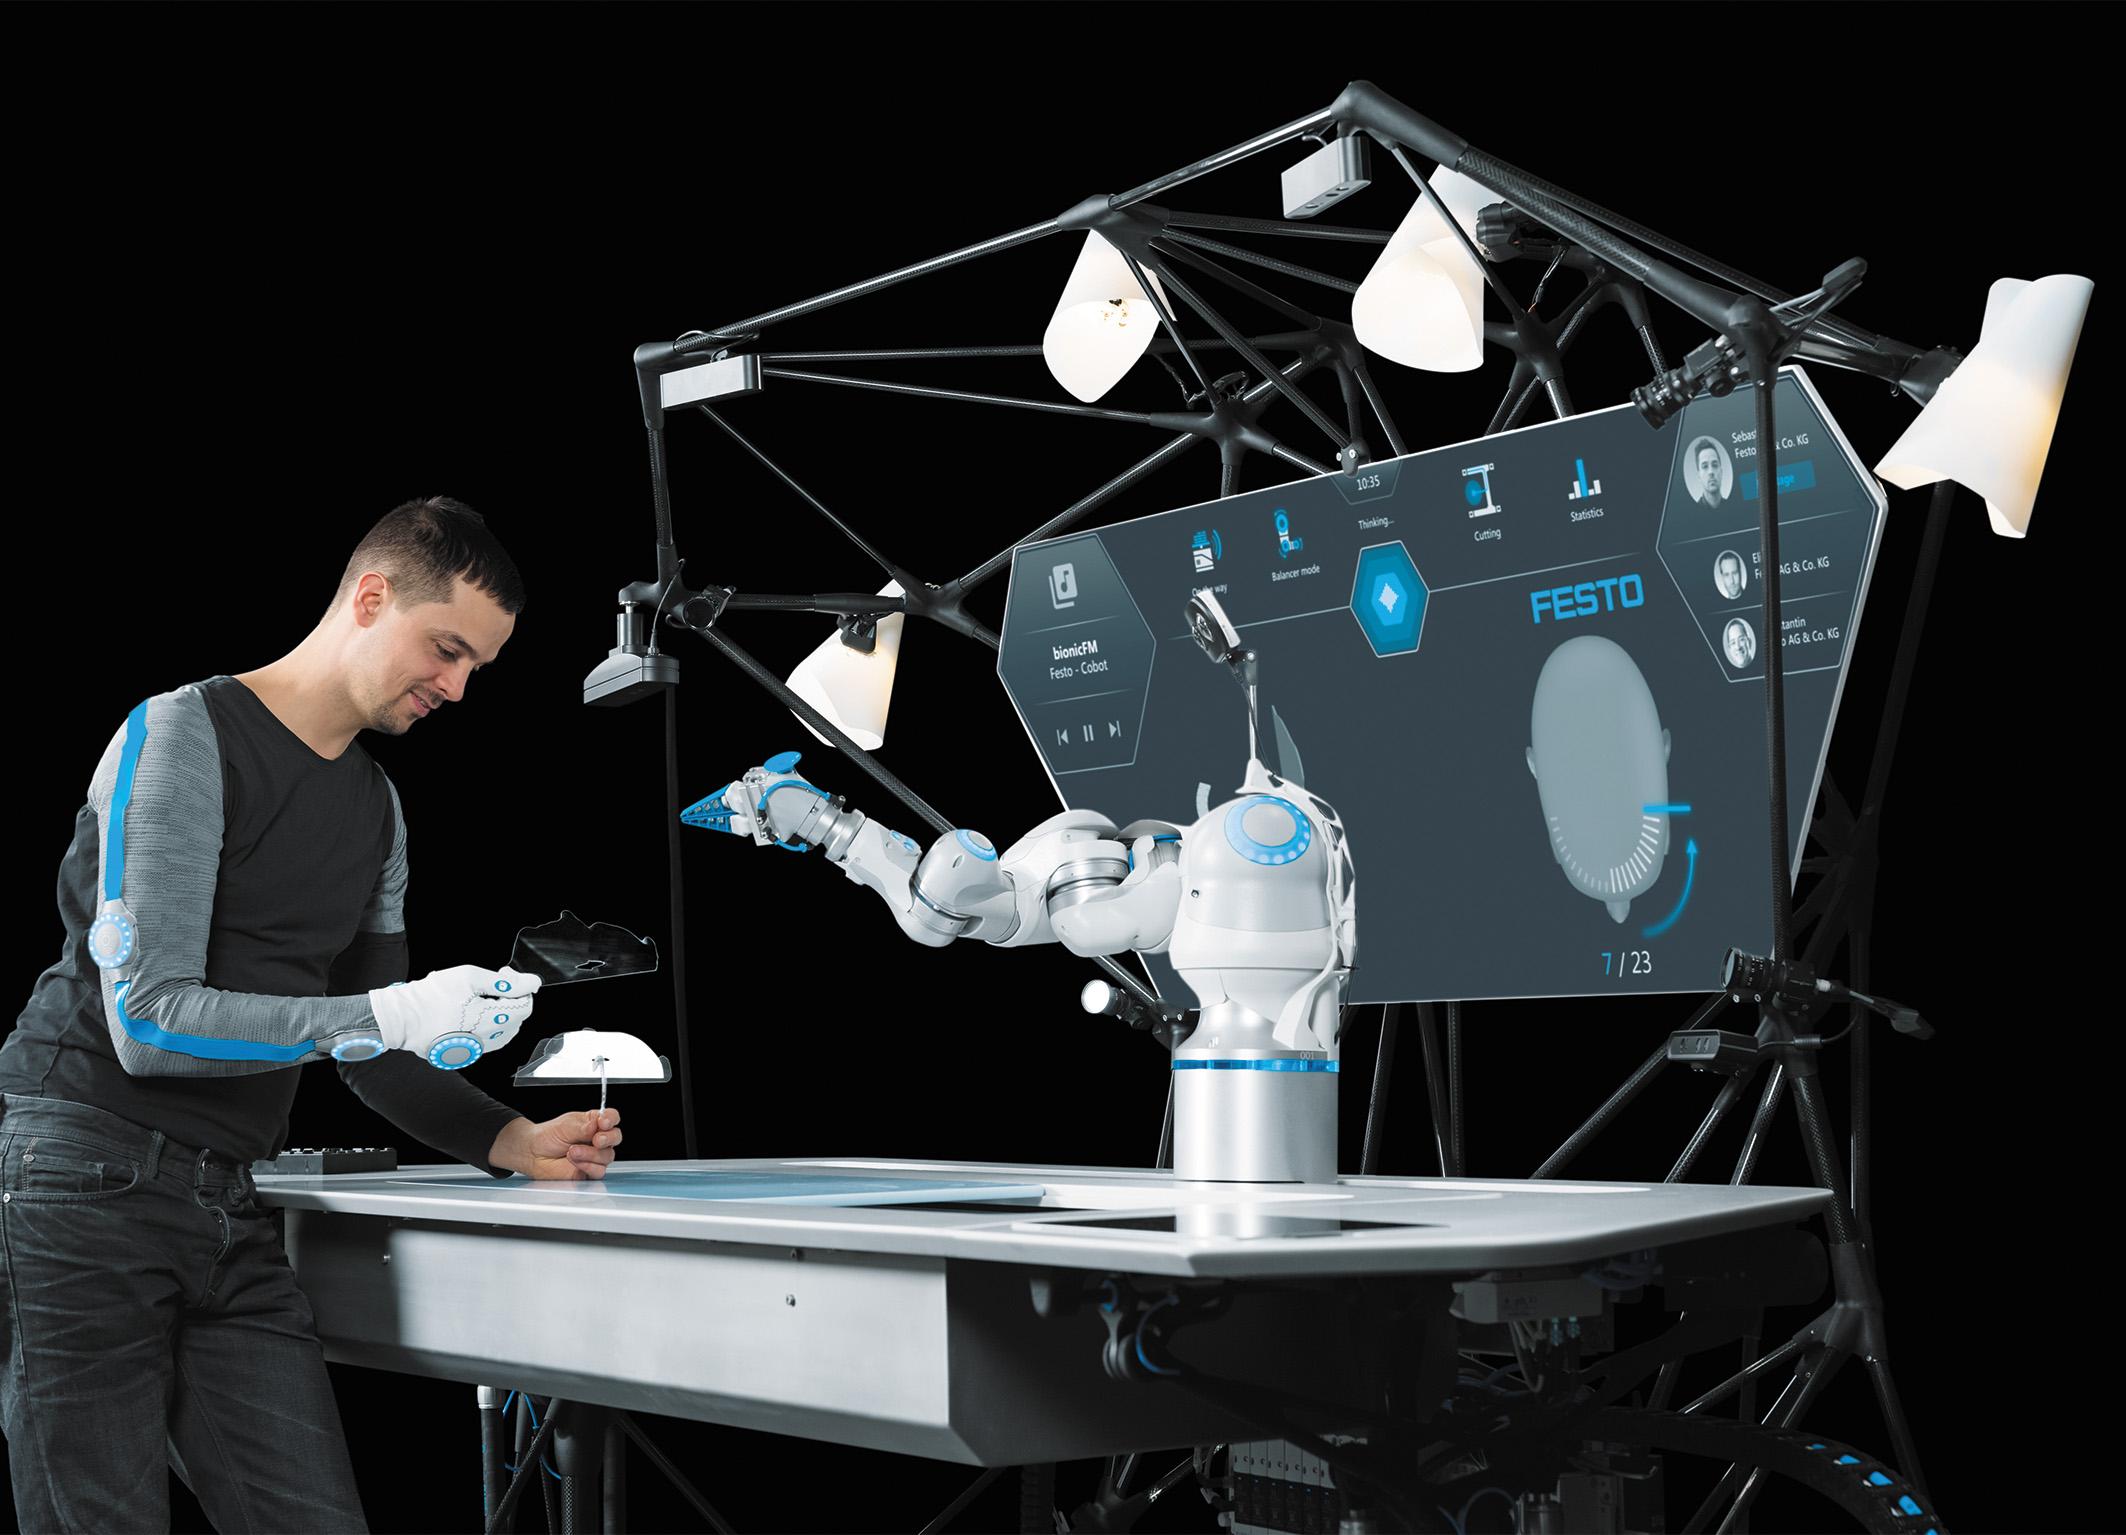 Оператор работает вместе с бионической роботизированной рукой